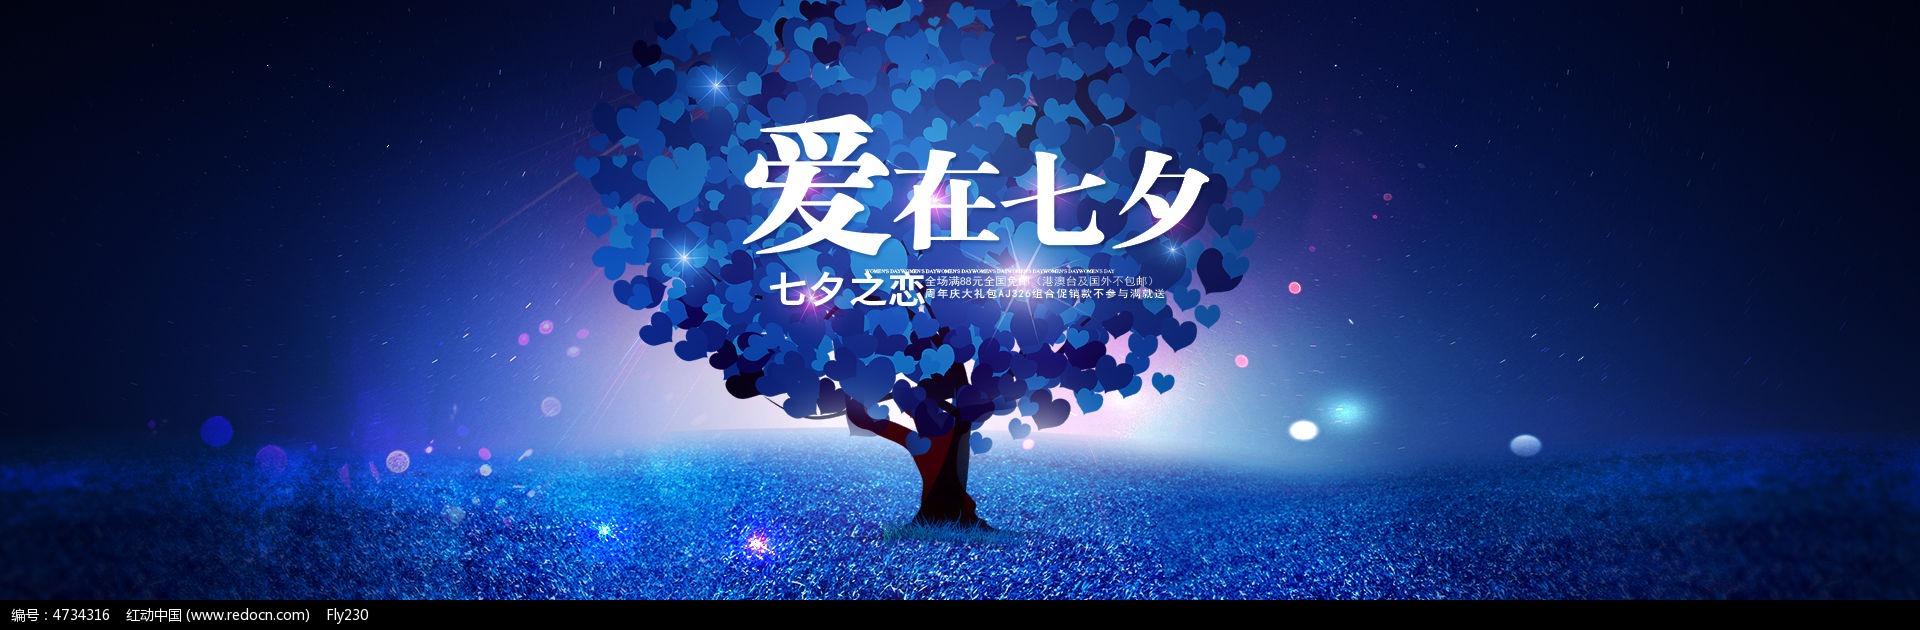 【原创】五律《七夕之歌》(1) - 沙源 - 沙源